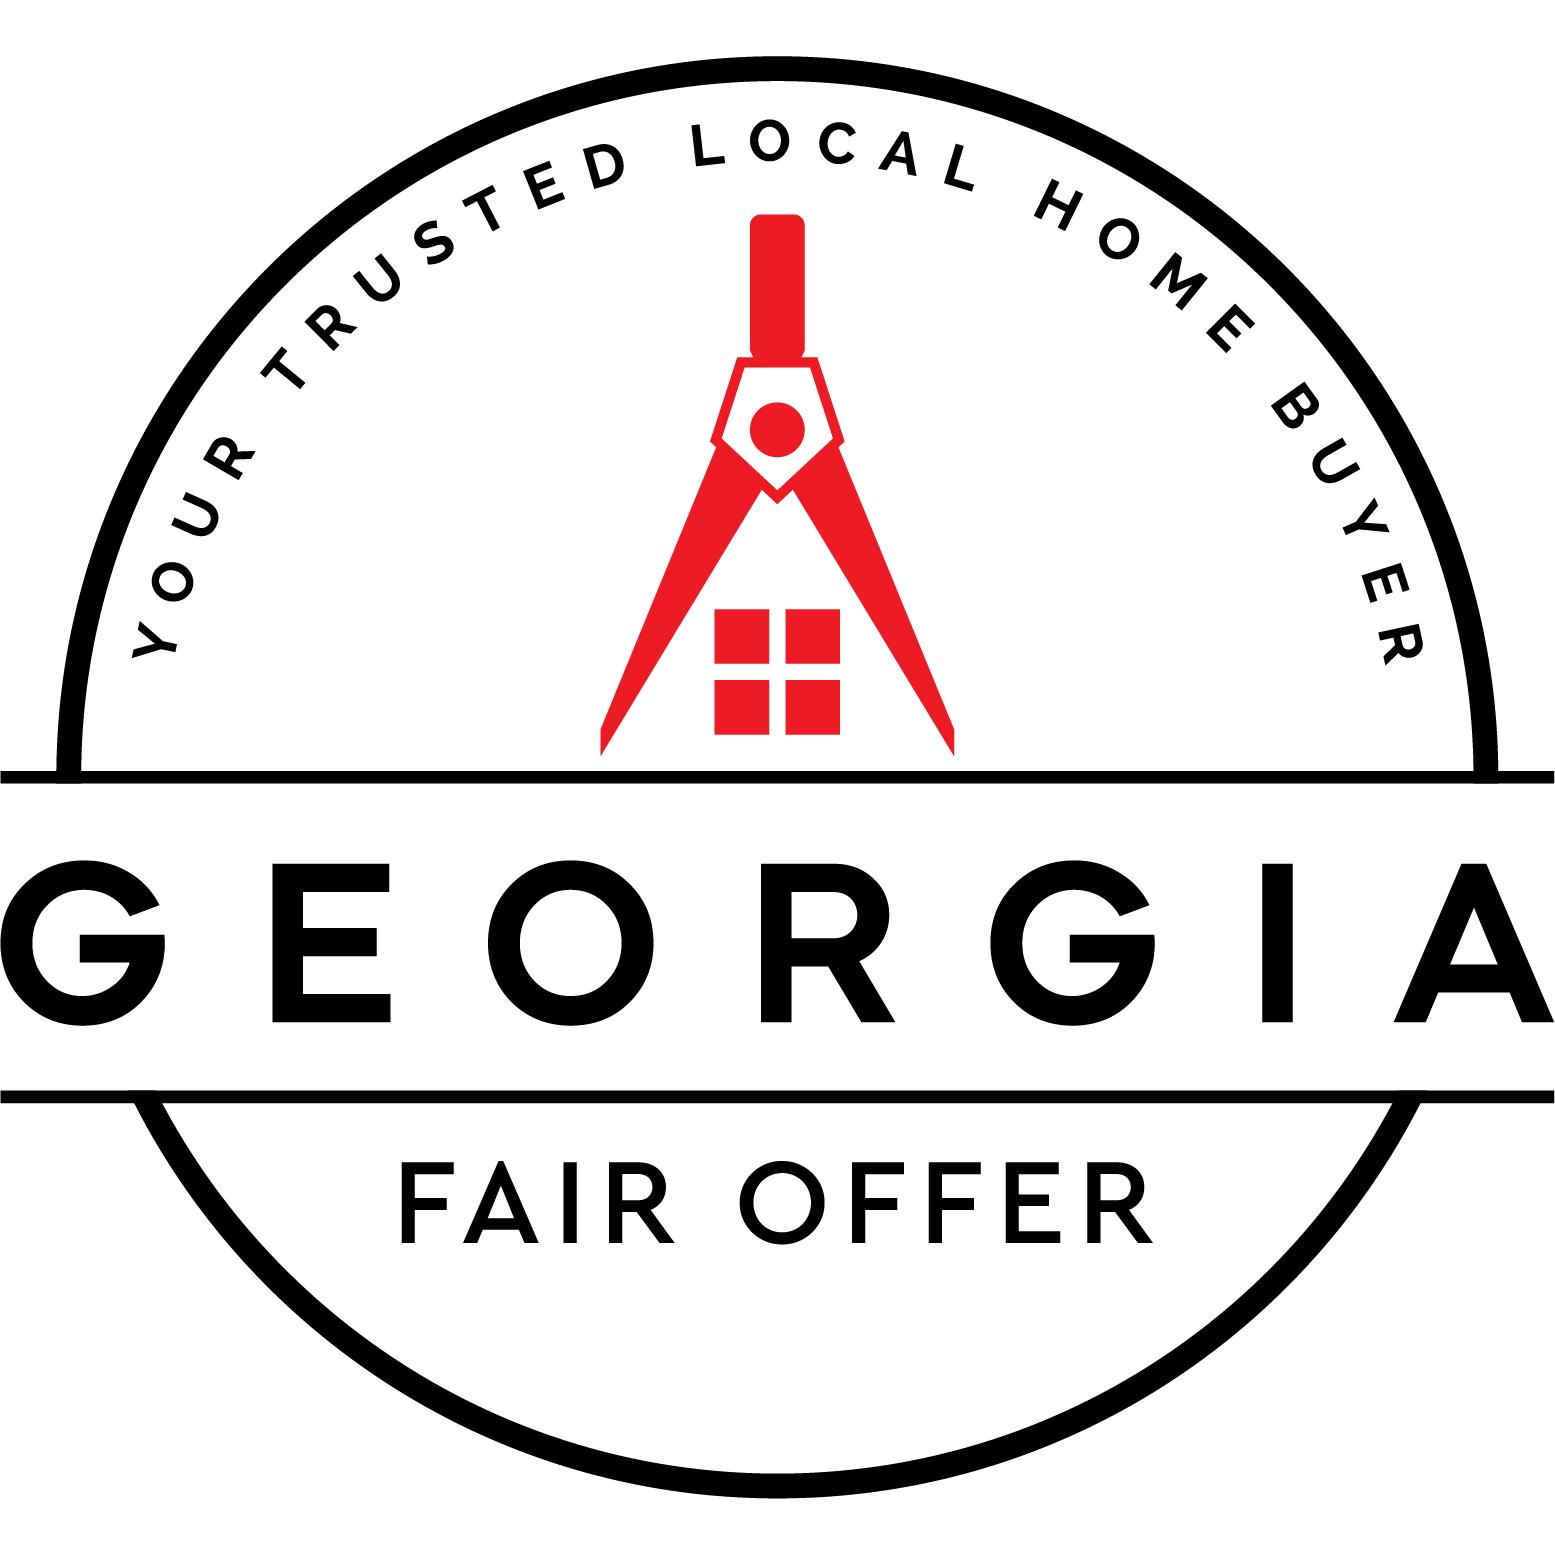 Georgia Fair Offer